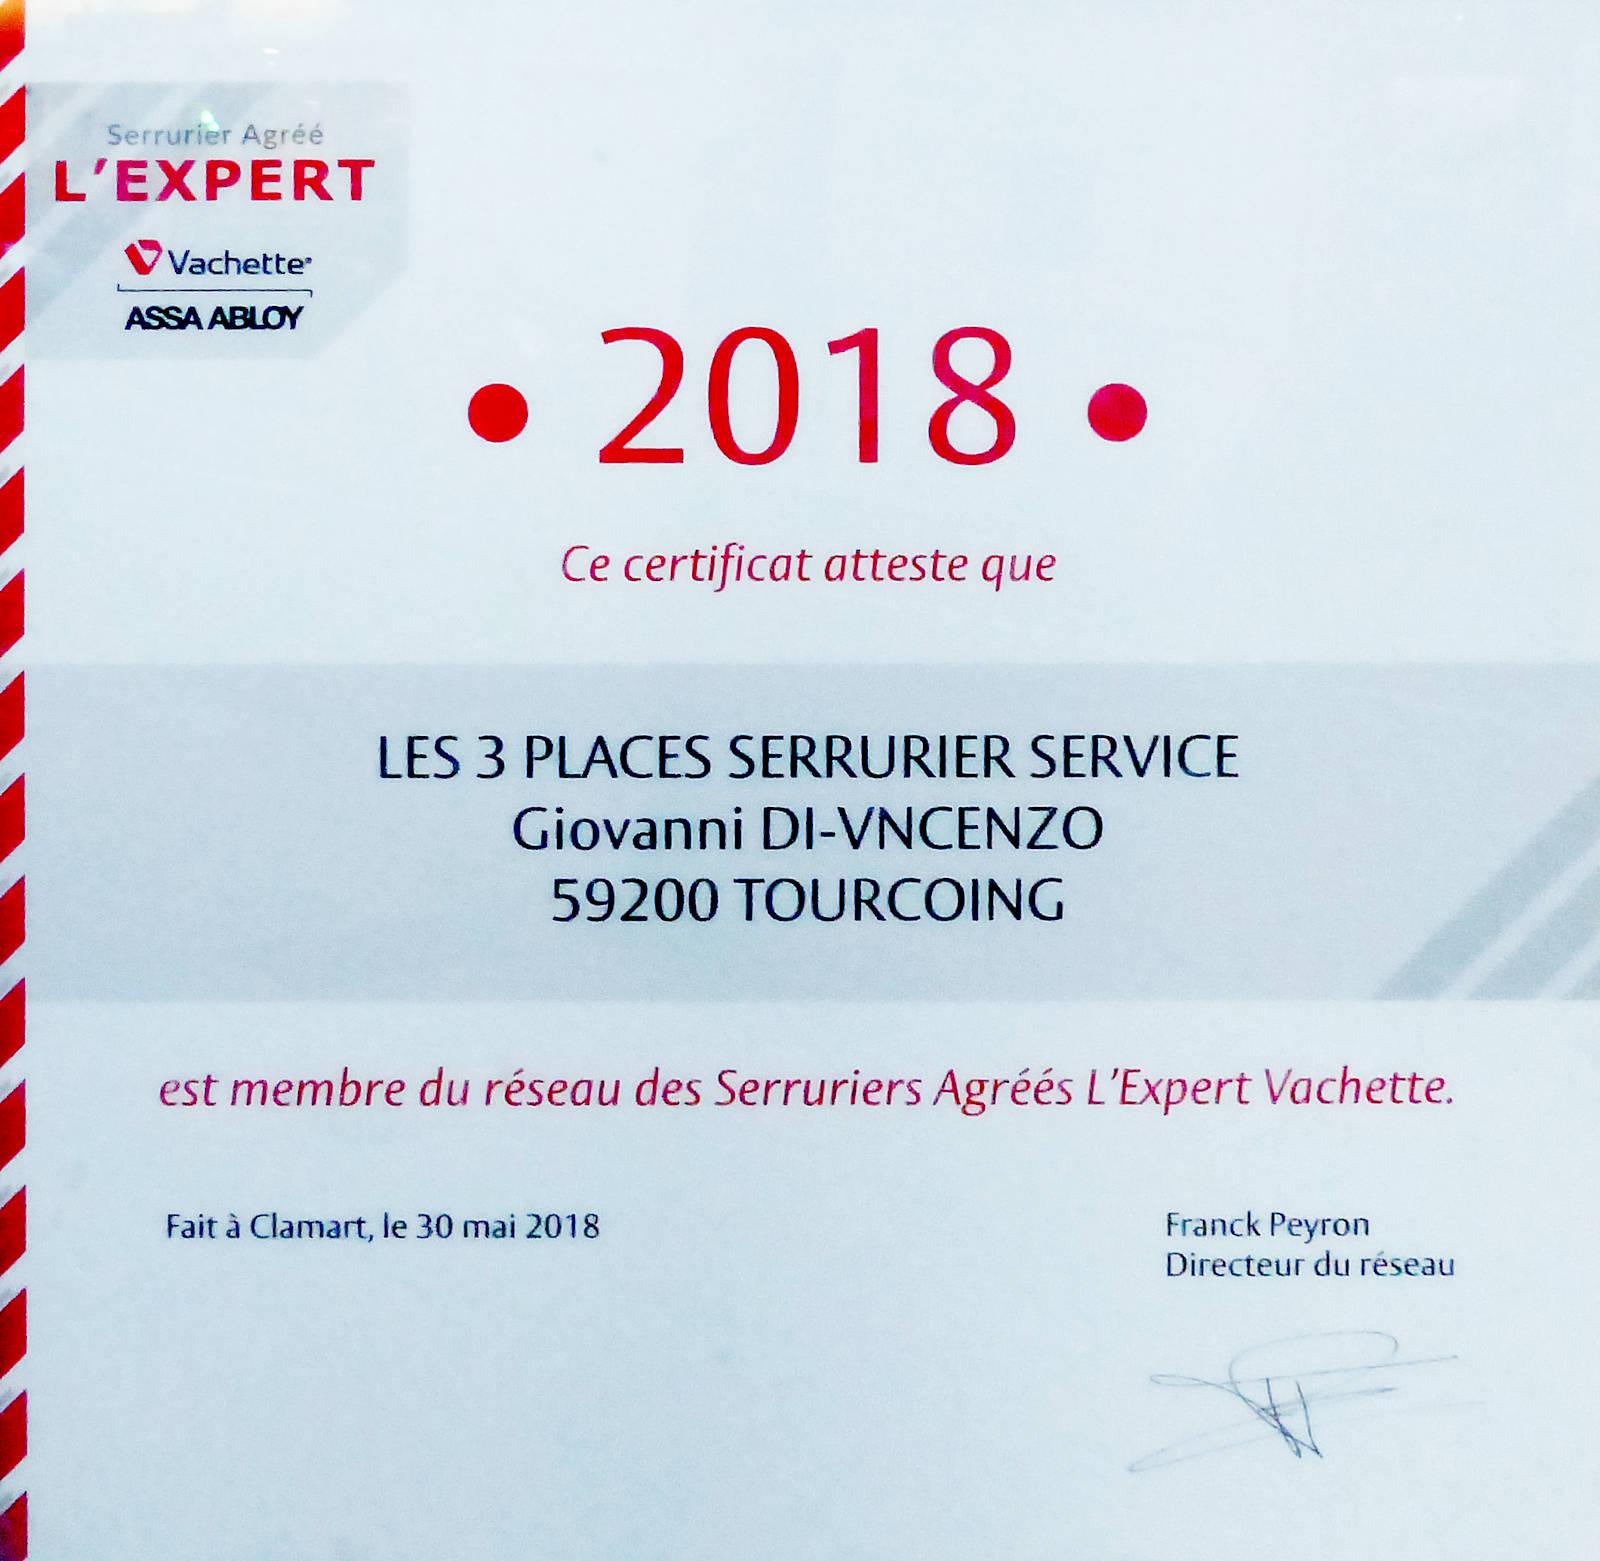 Tourcoing 3 Places Serrurier - Expert Vachette